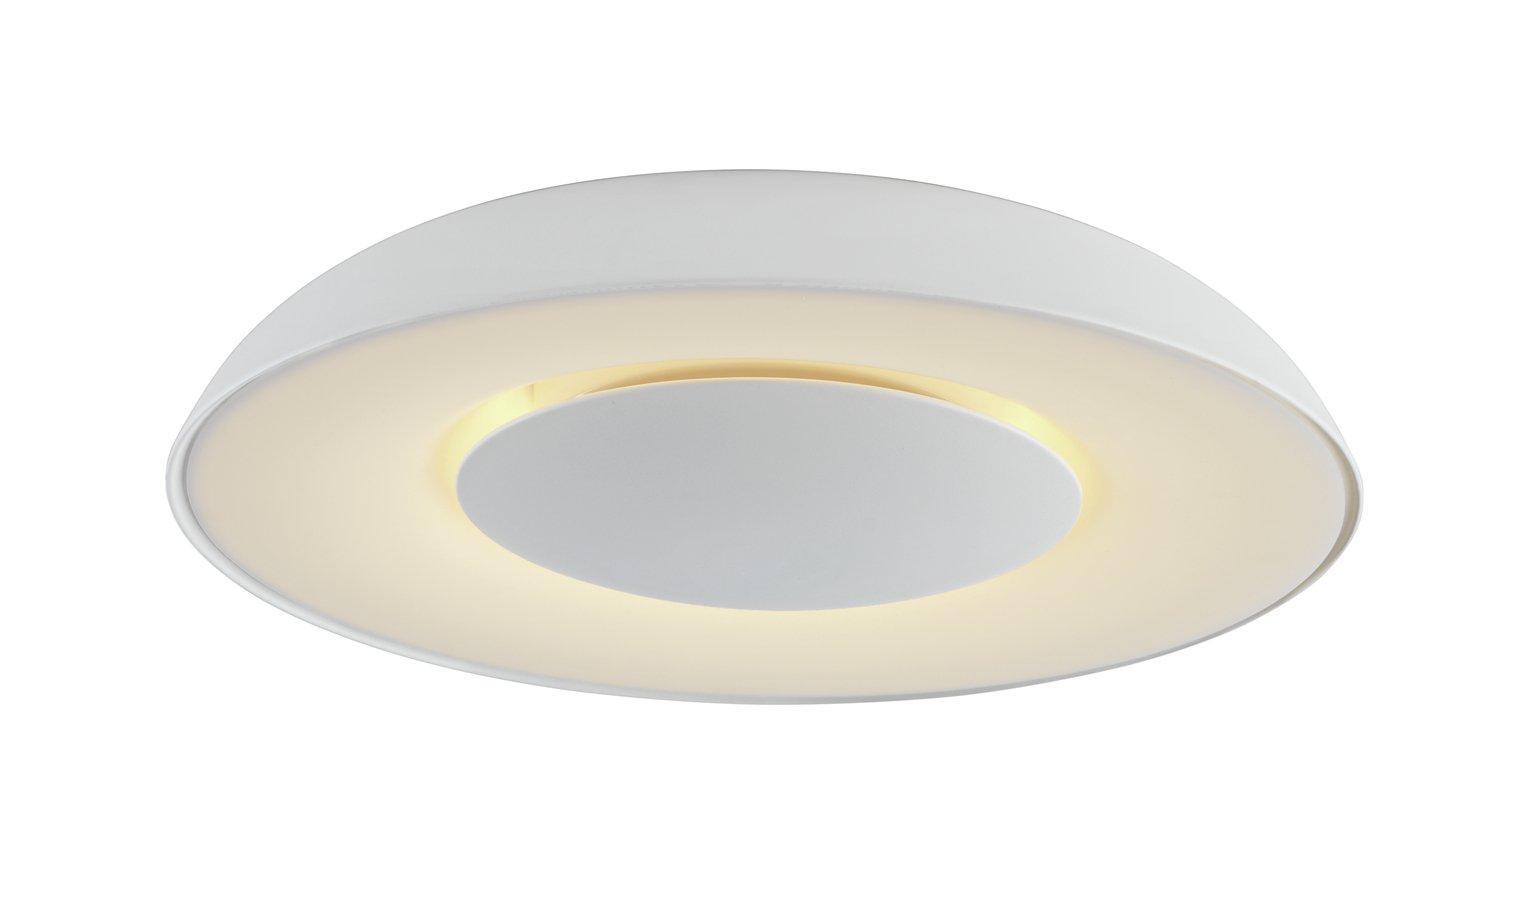 Argos Home Larne Led Flush Ceiling Light White 7928738 Argos Price Tracker Pricehistory Co Uk